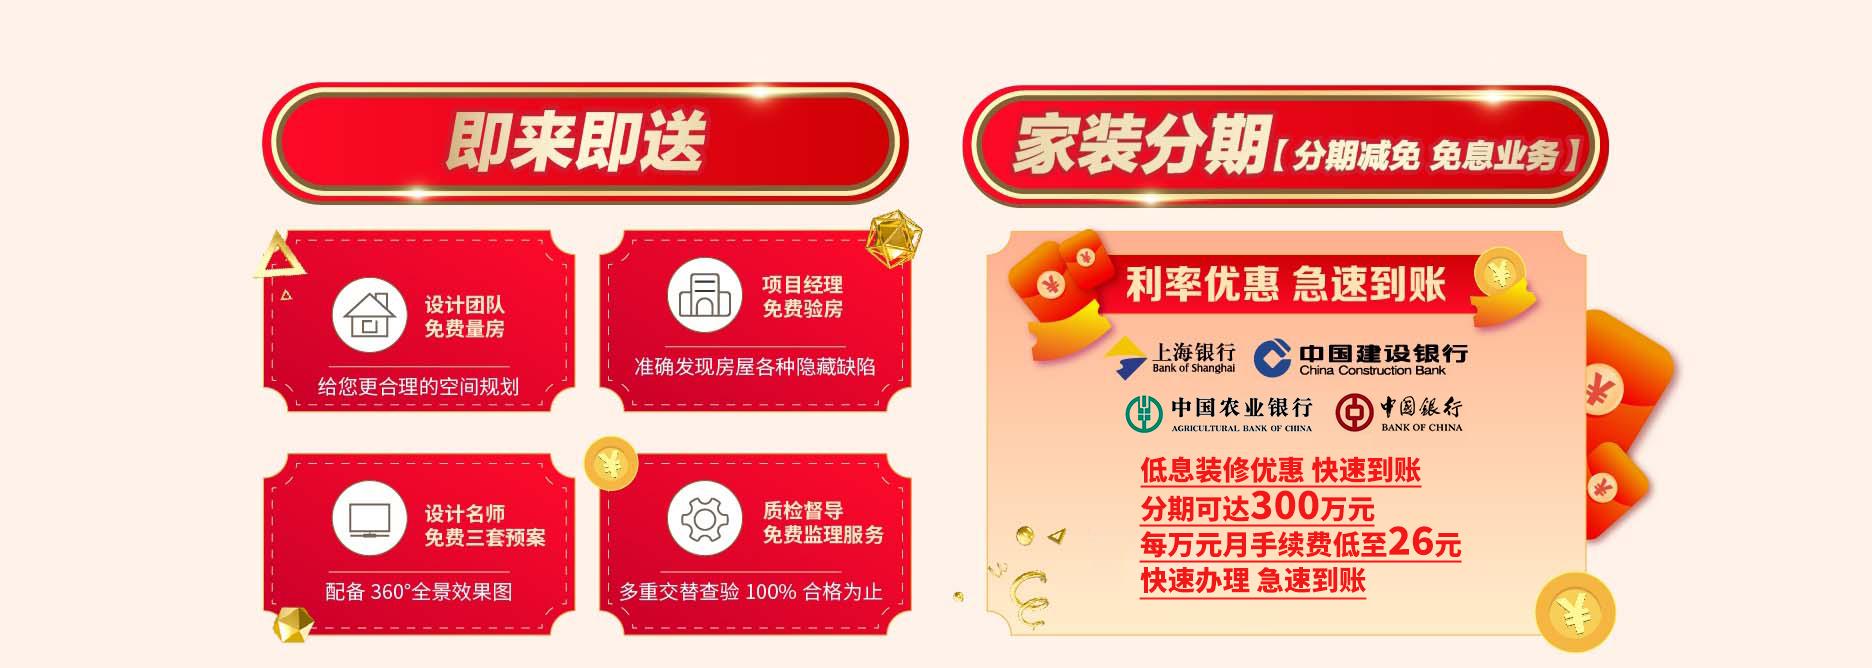 上海装修博览会2021优惠1